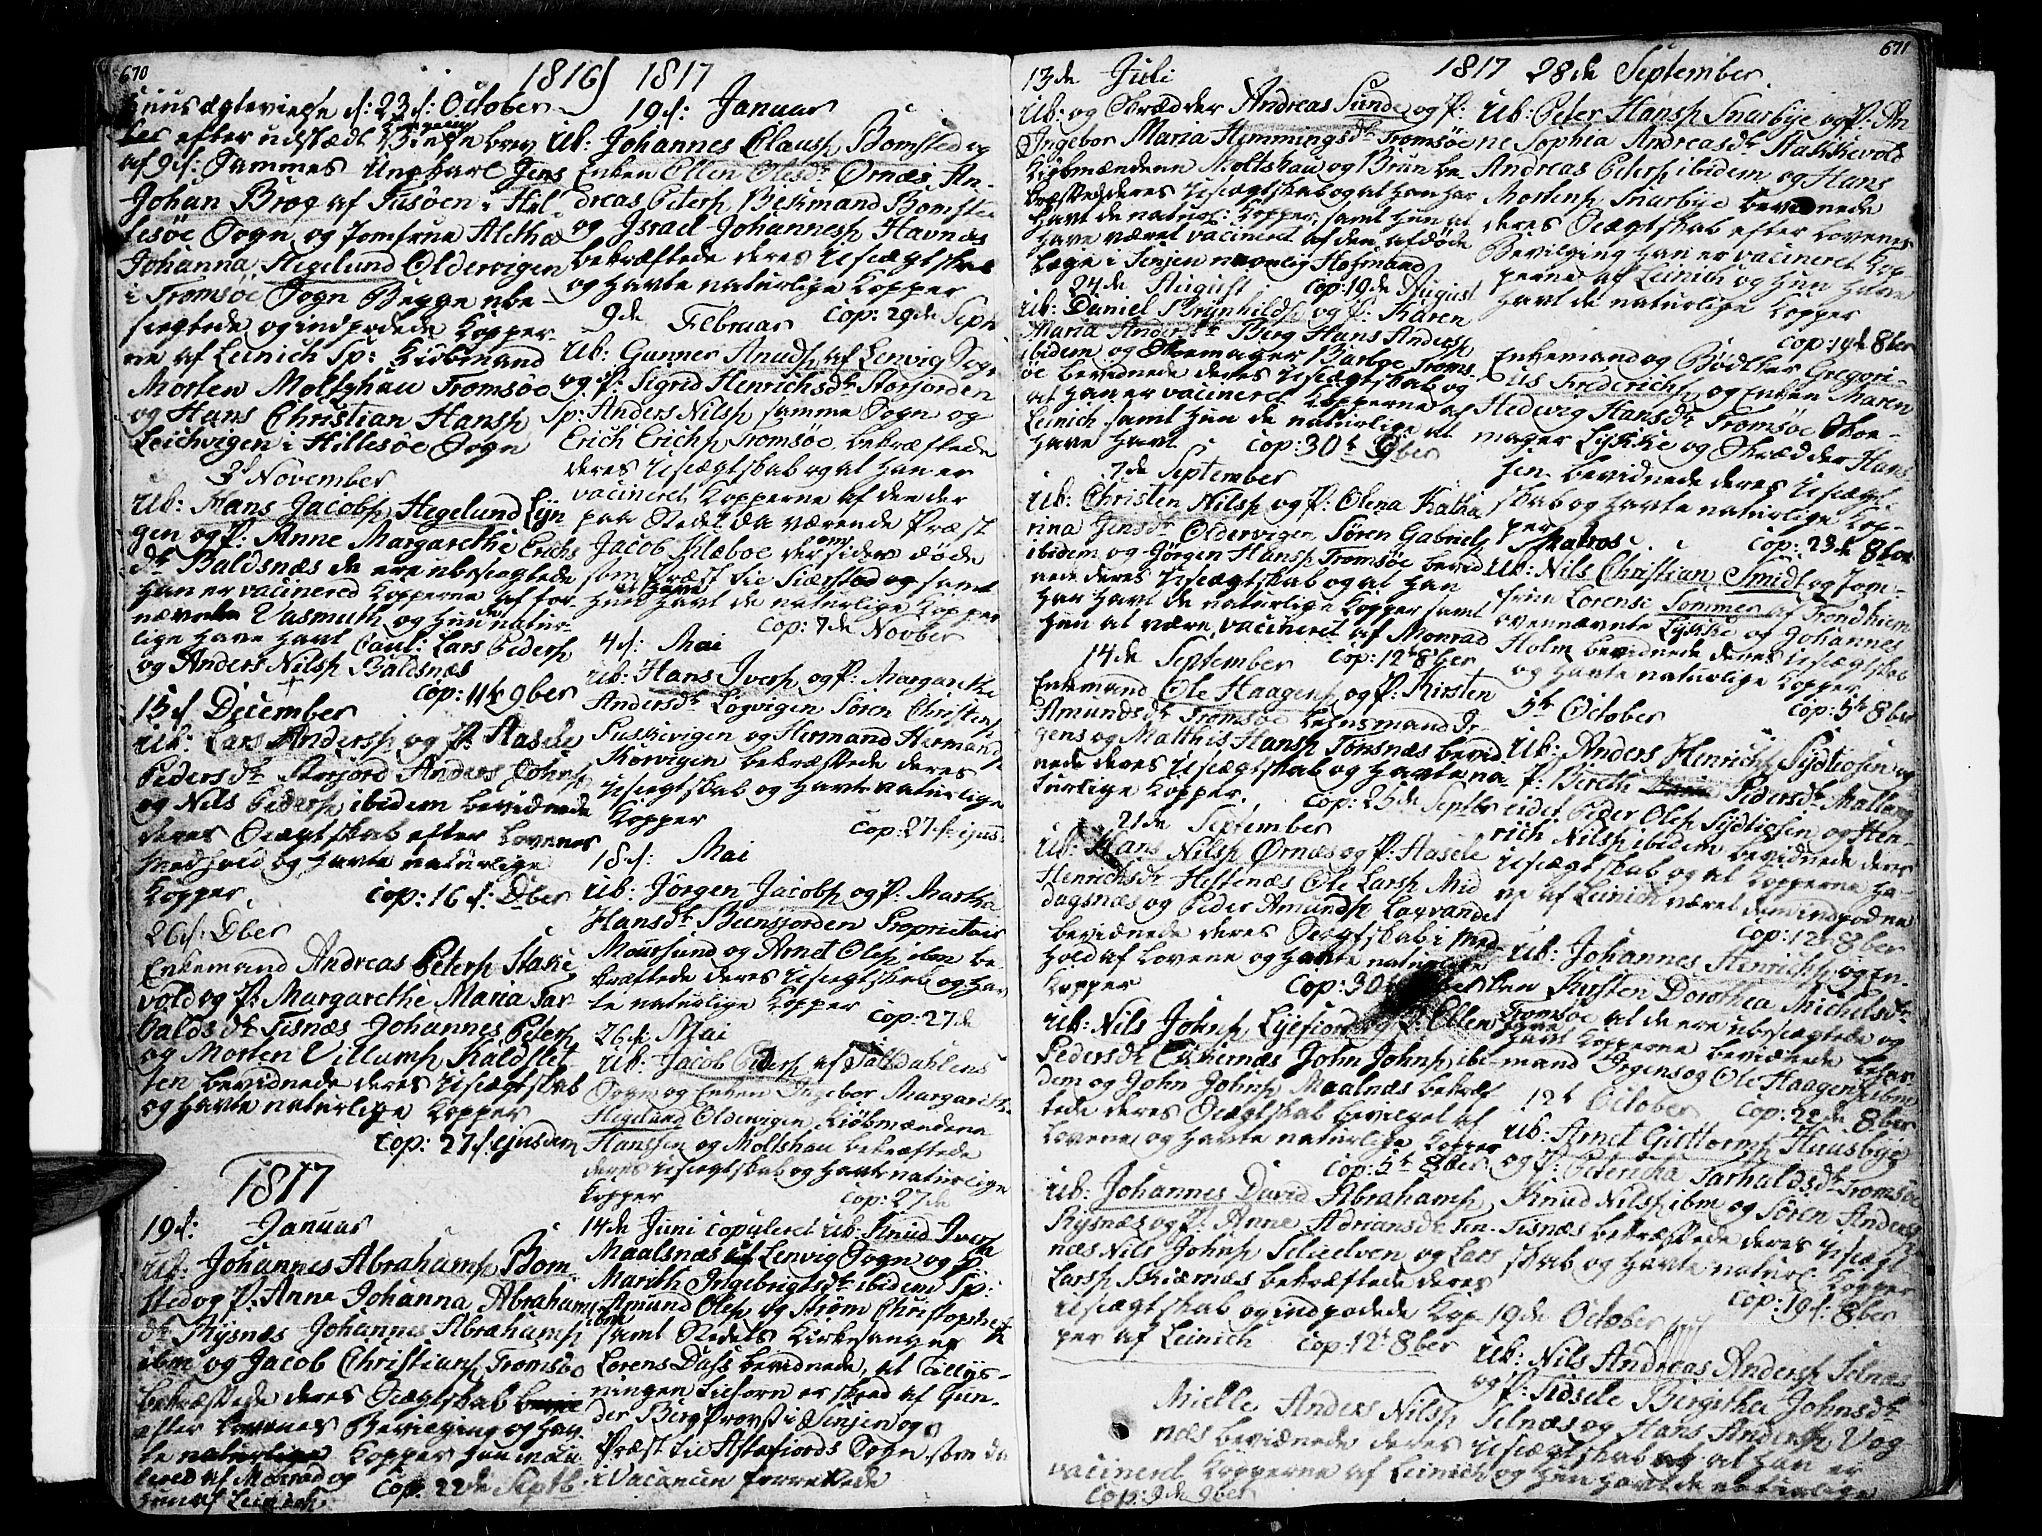 SATØ, Tromsø sokneprestkontor/stiftsprosti/domprosti, G/Ga/L0006kirke: Ministerialbok nr. 6, 1806-1821, s. 670-671